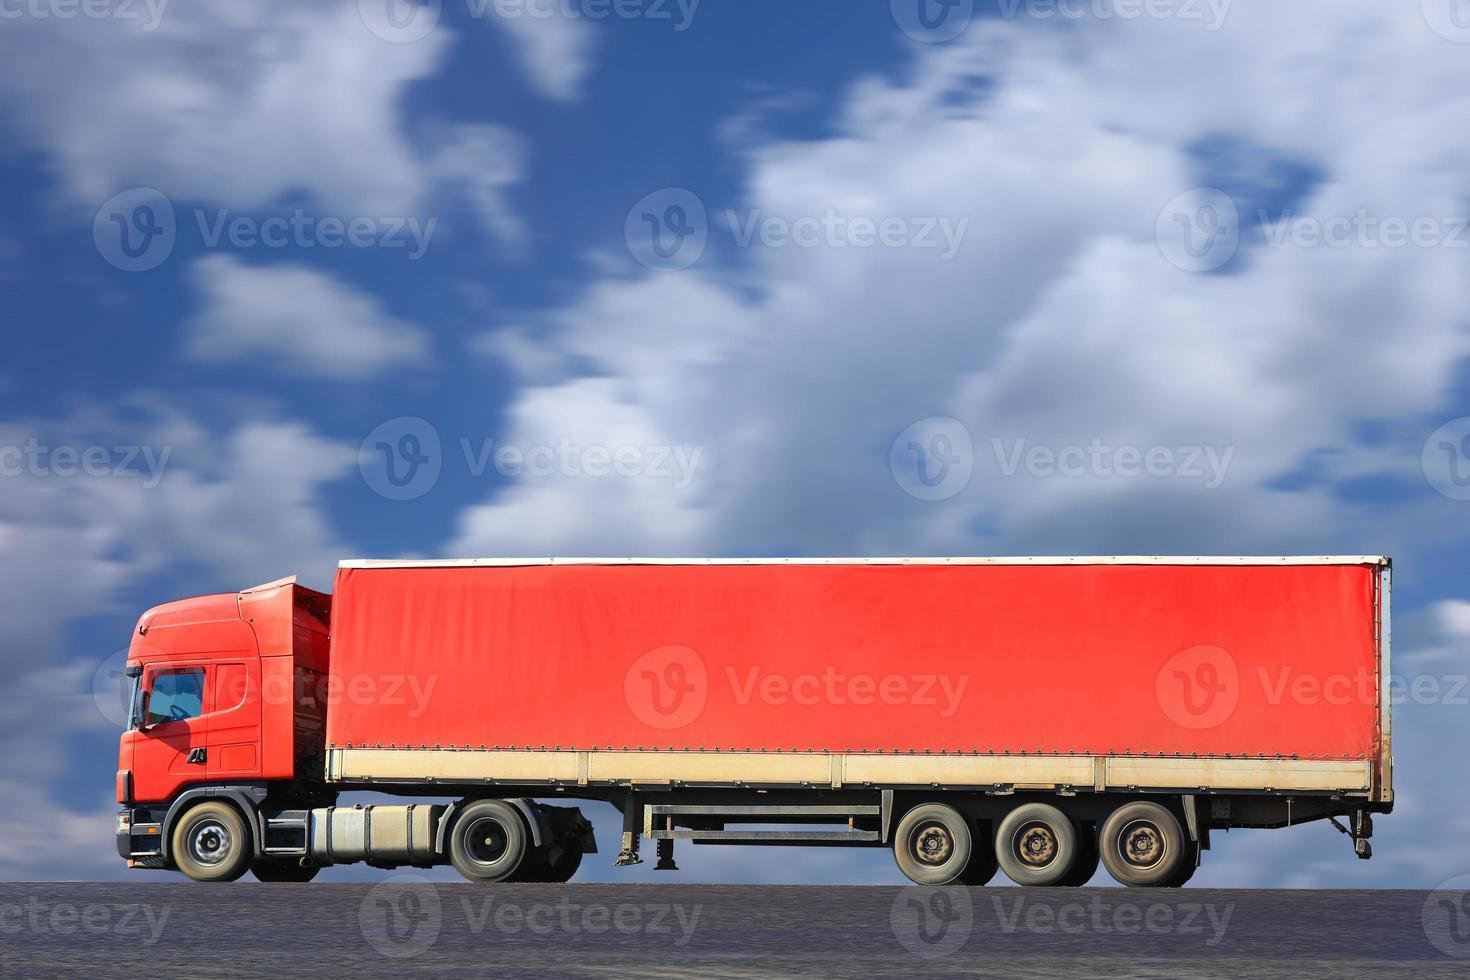 röd lastbil går på väg foto